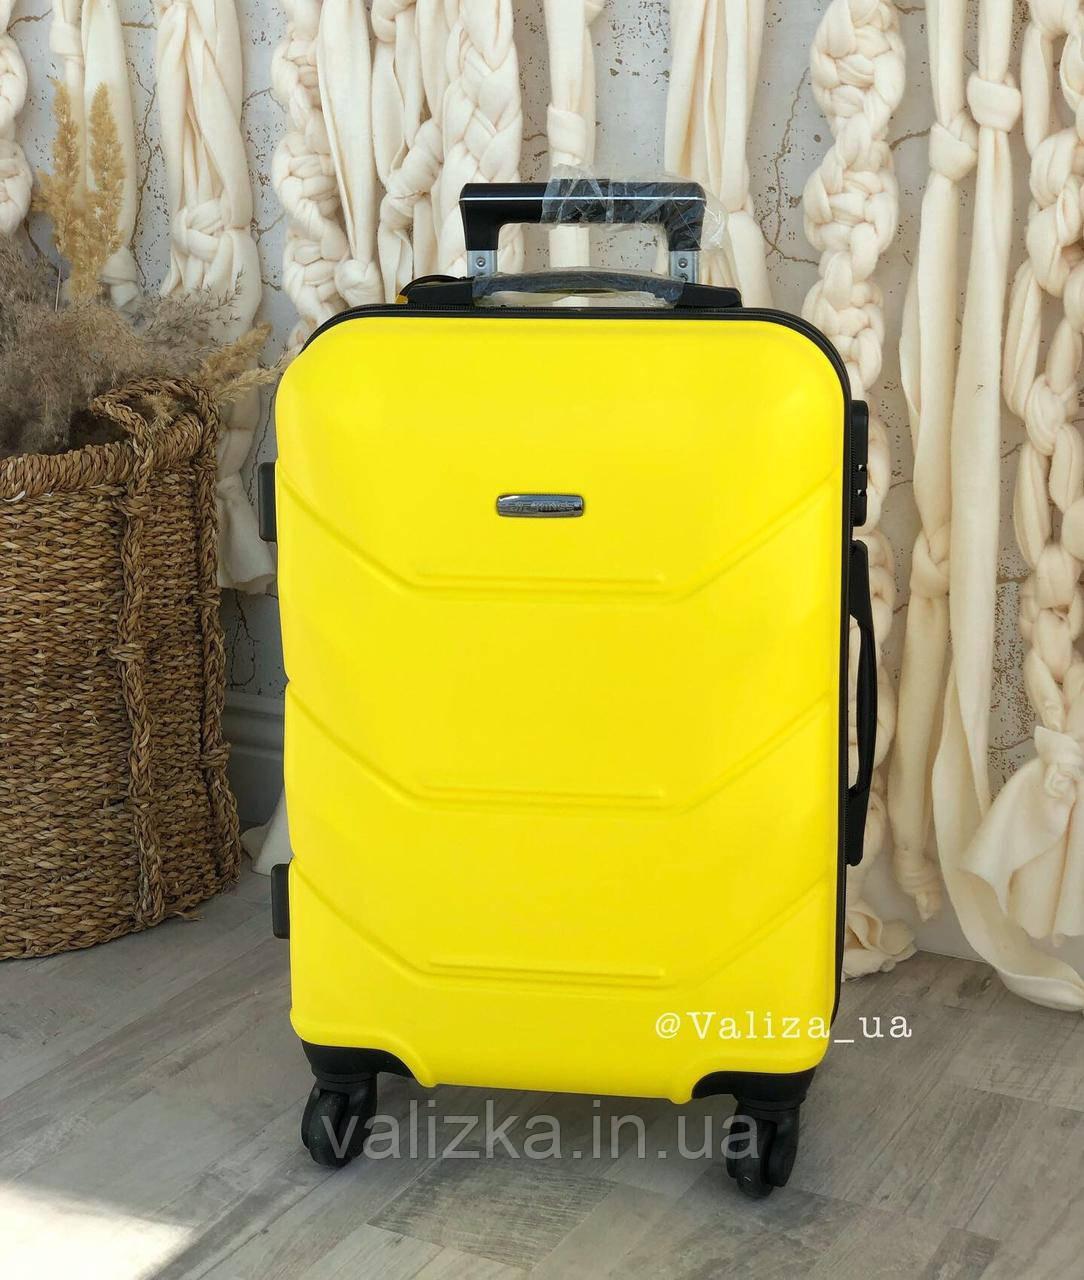 Большой пластиковый чемодан желтый Wings